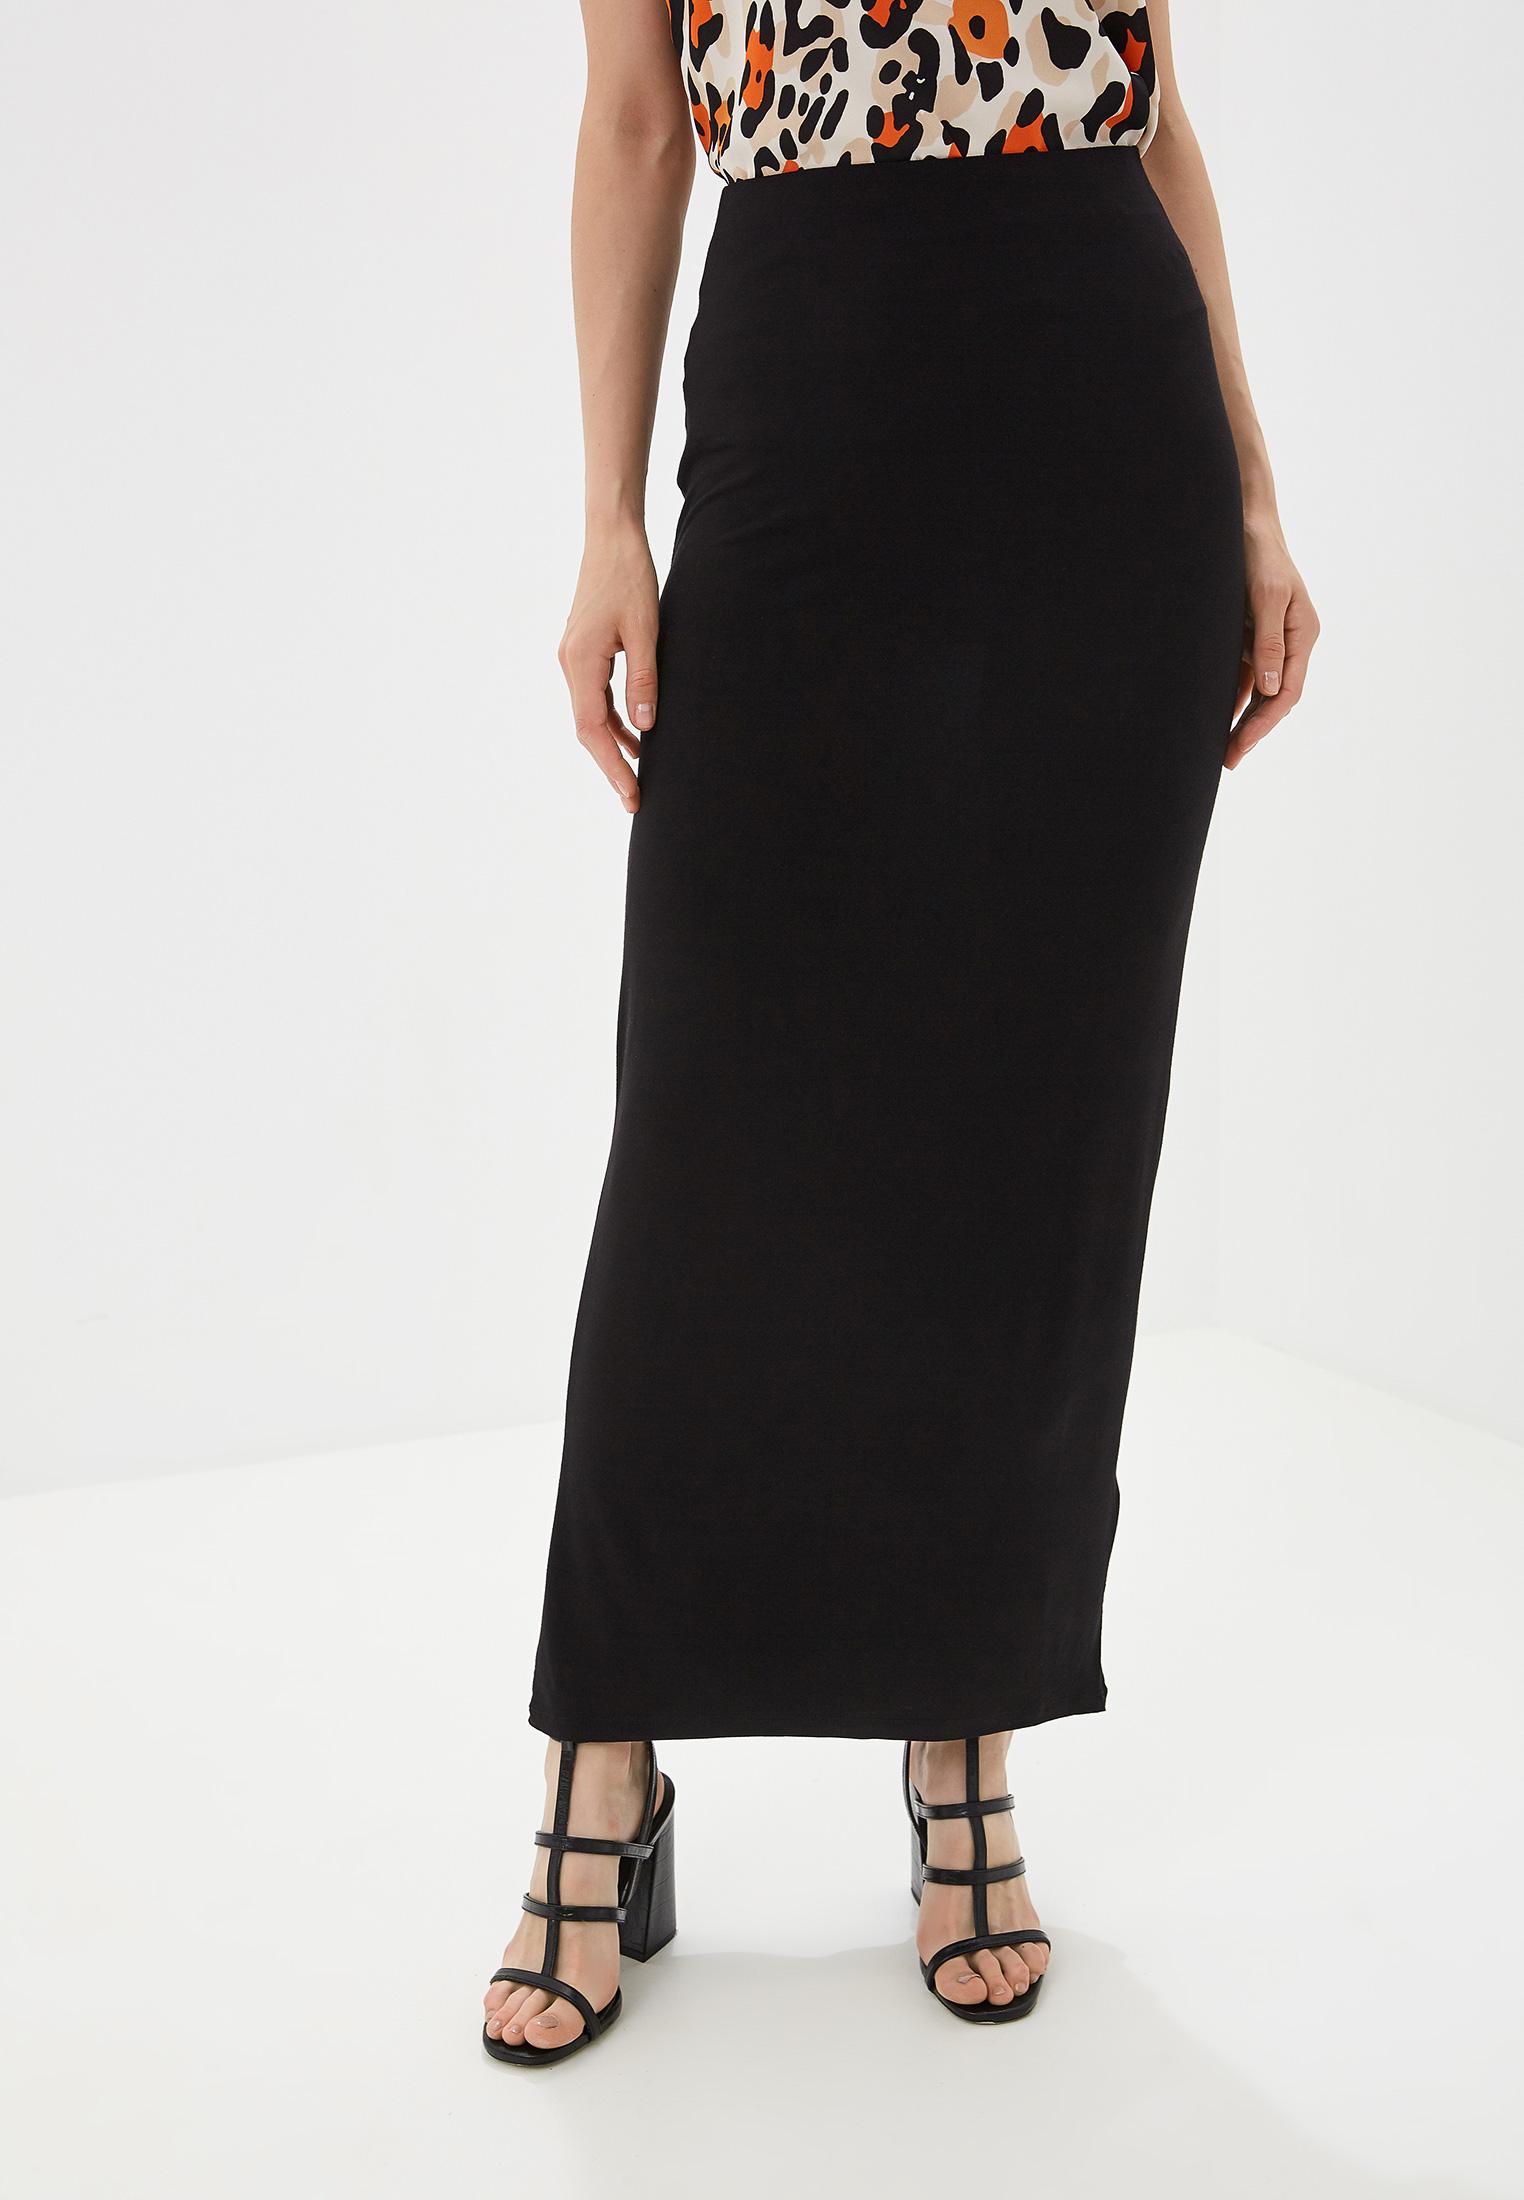 Прямая юбка Dorothy Perkins (Дороти Перкинс) 14233513